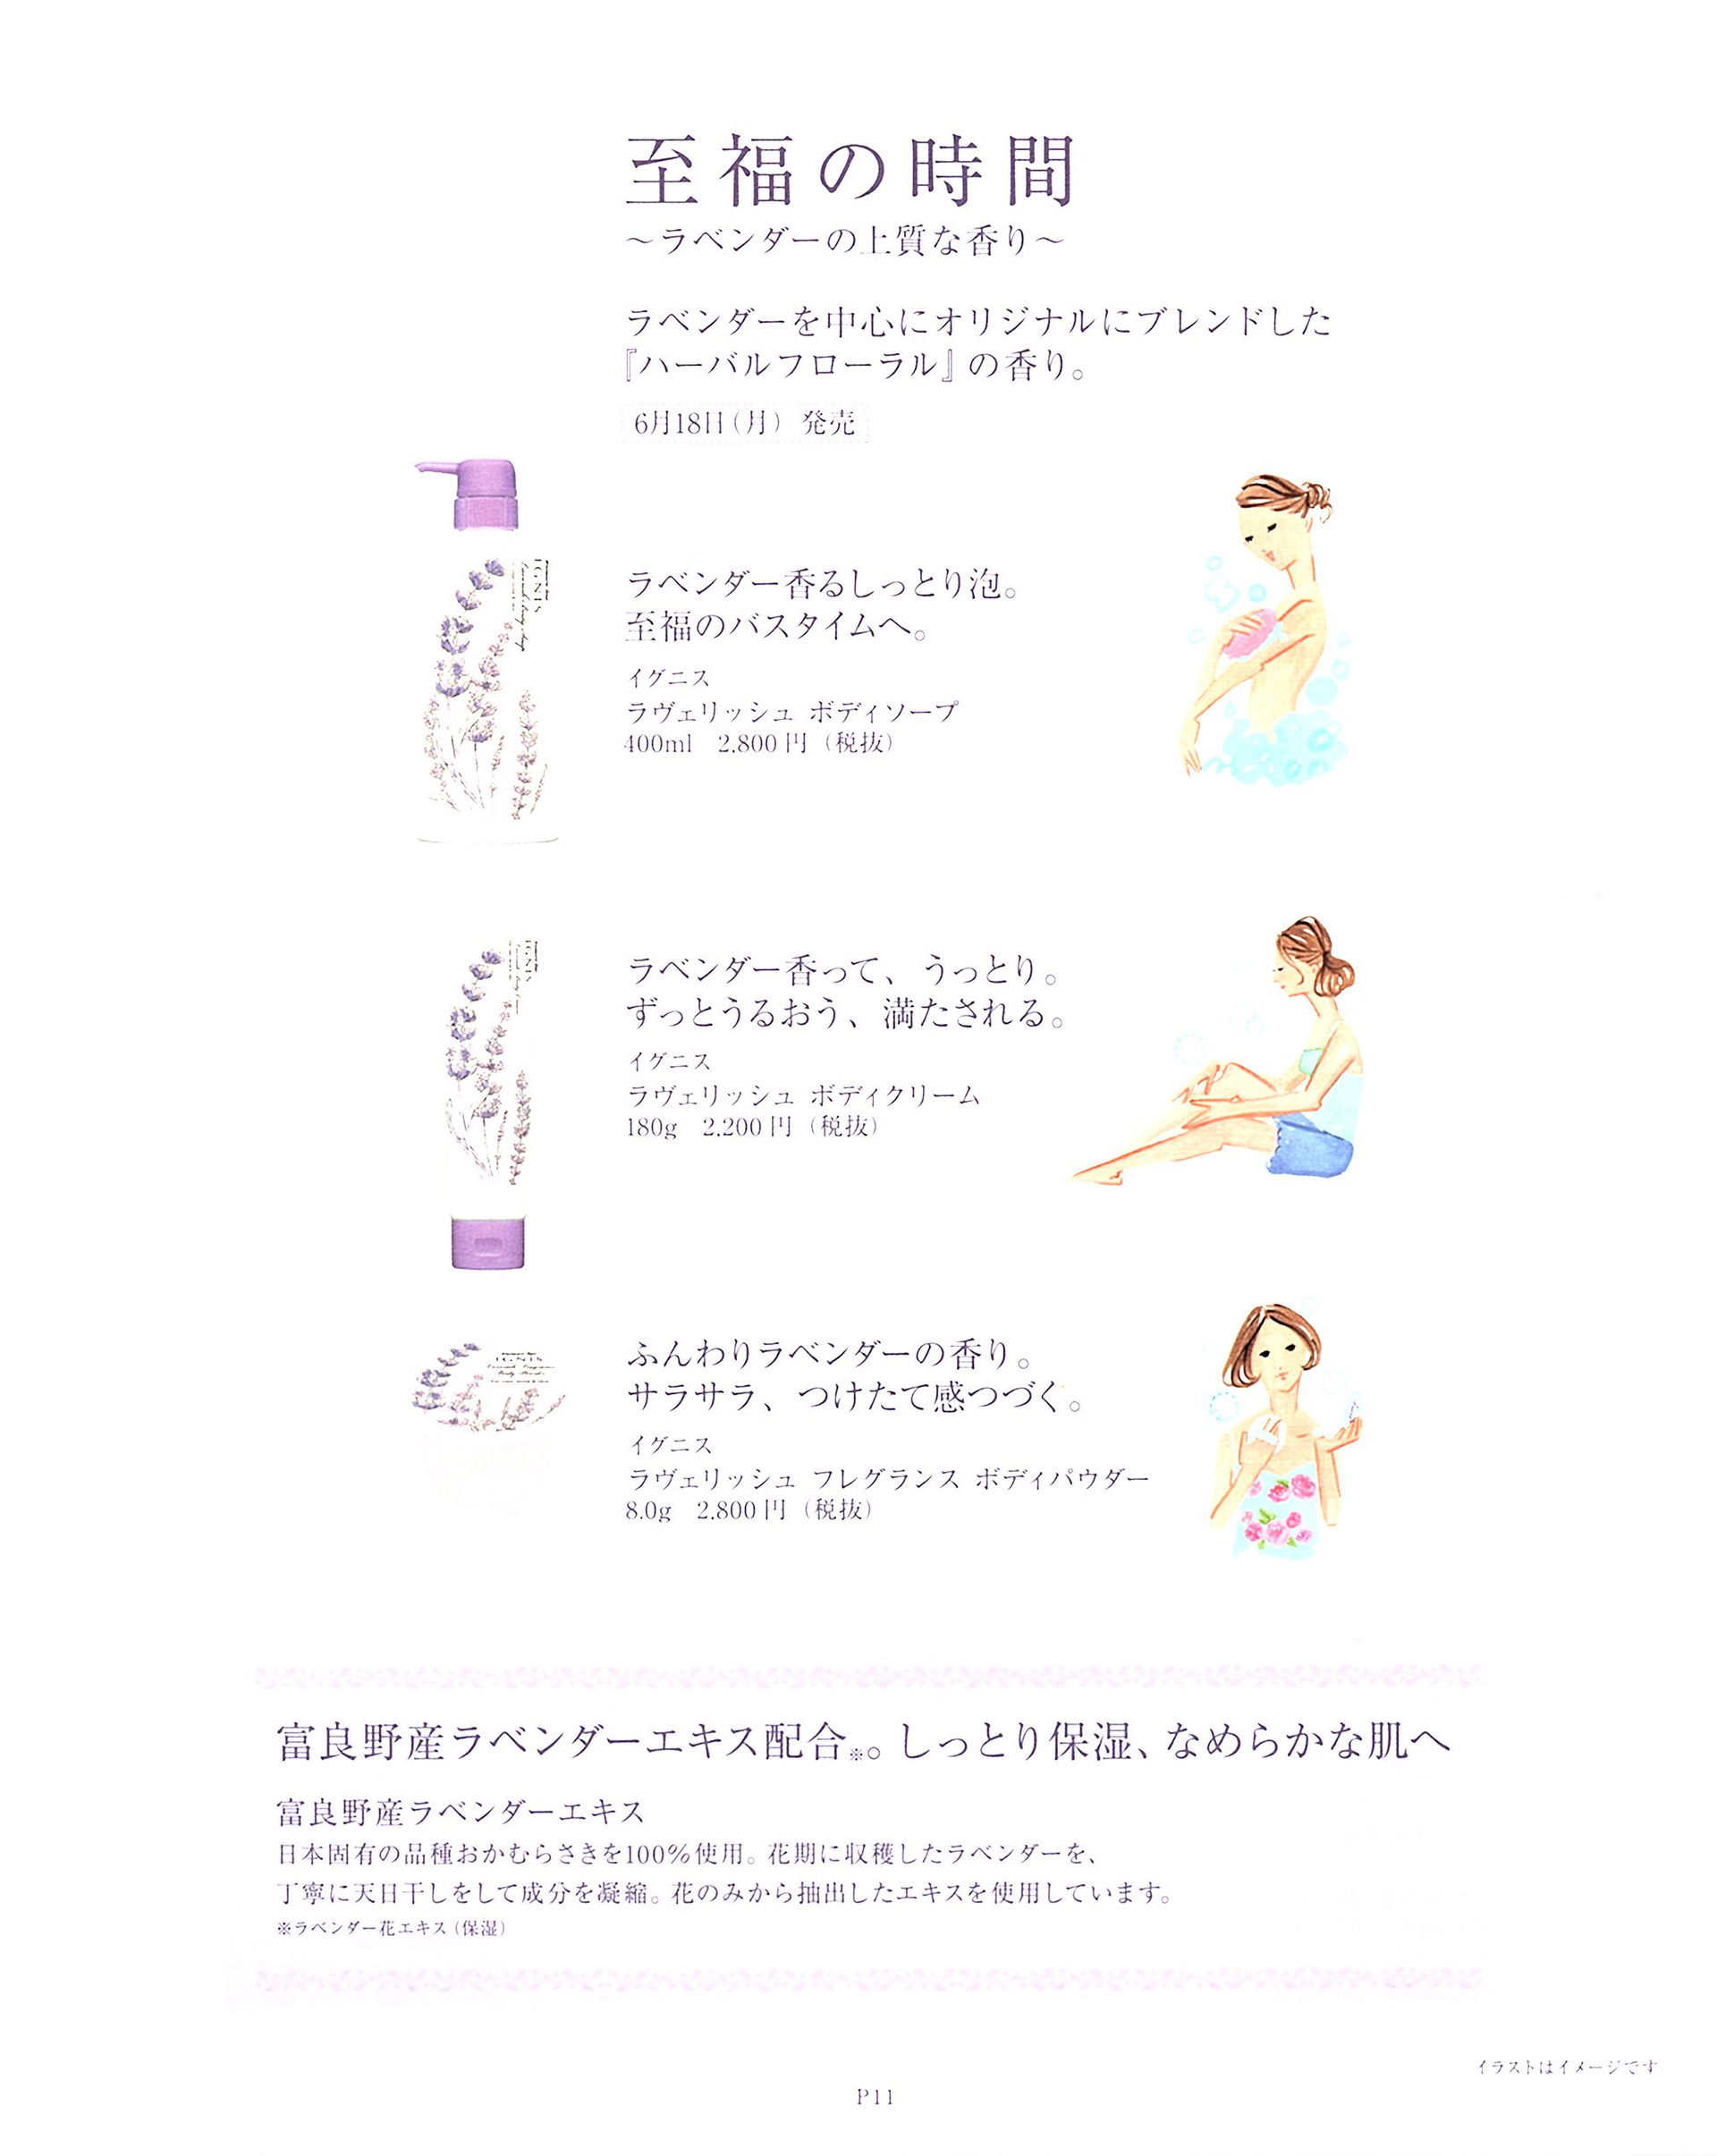 IGNIS 2018 Summer Letter_13